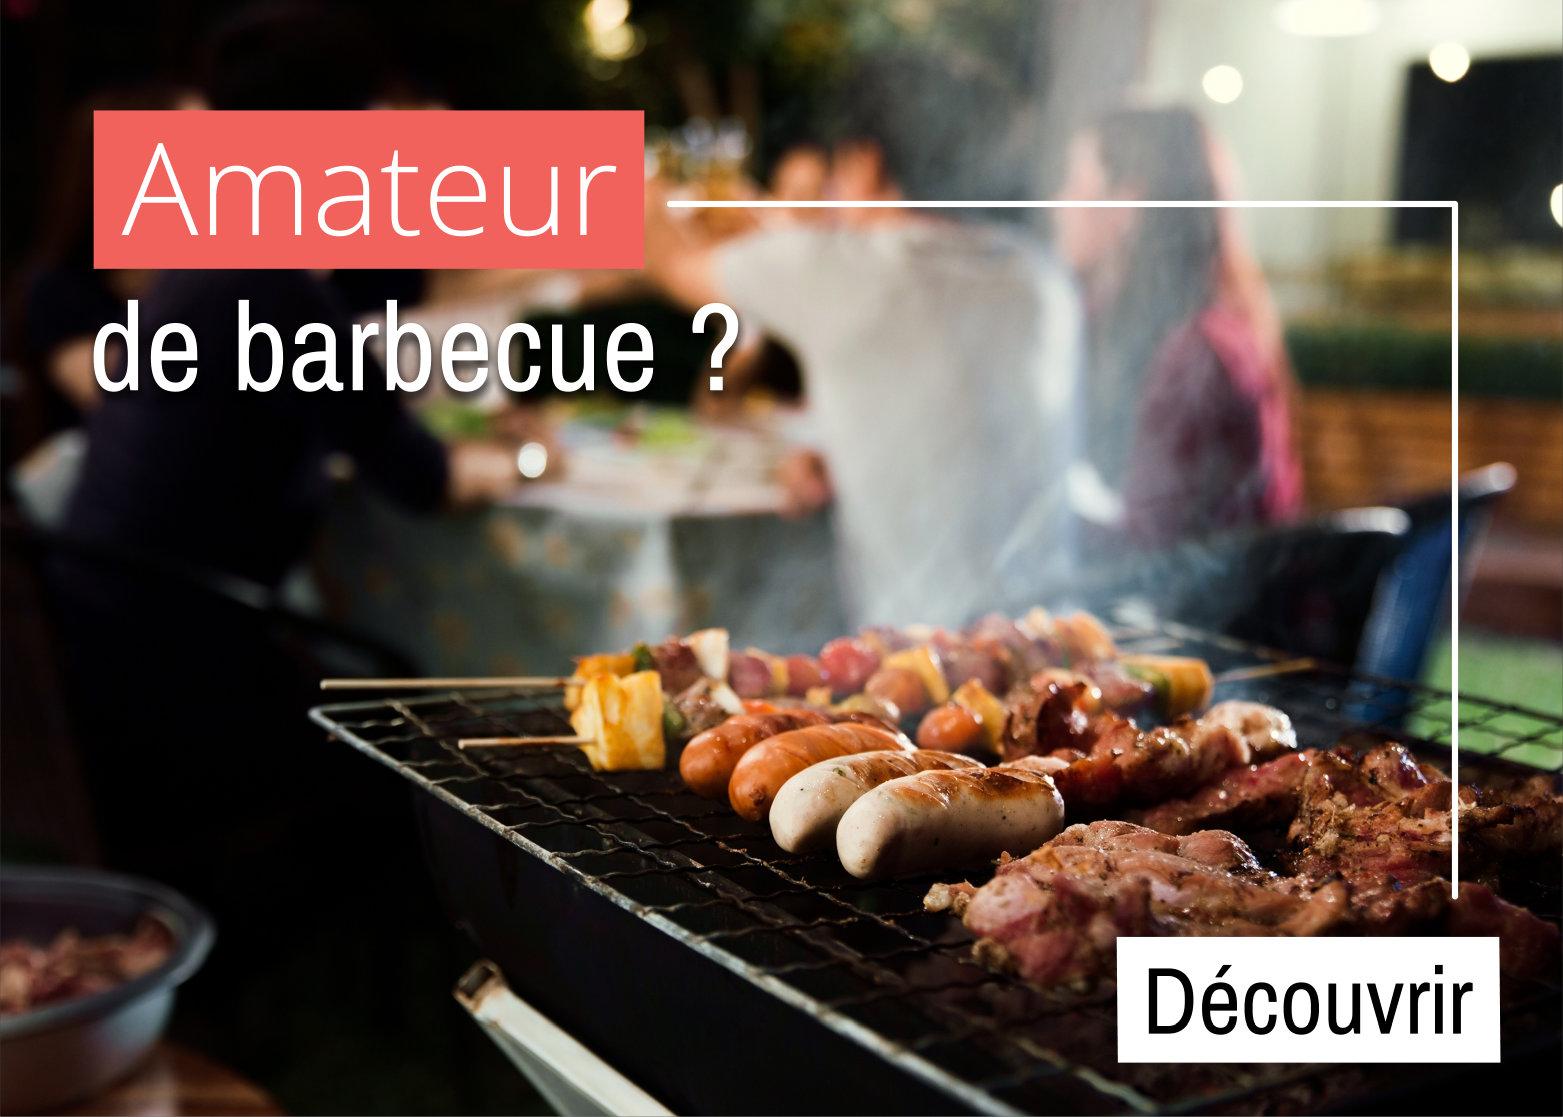 Grillade, charbon de bois, allume feu, tout ce qu'il faut pour réussir votre barbecue avec les Morandises à Idron